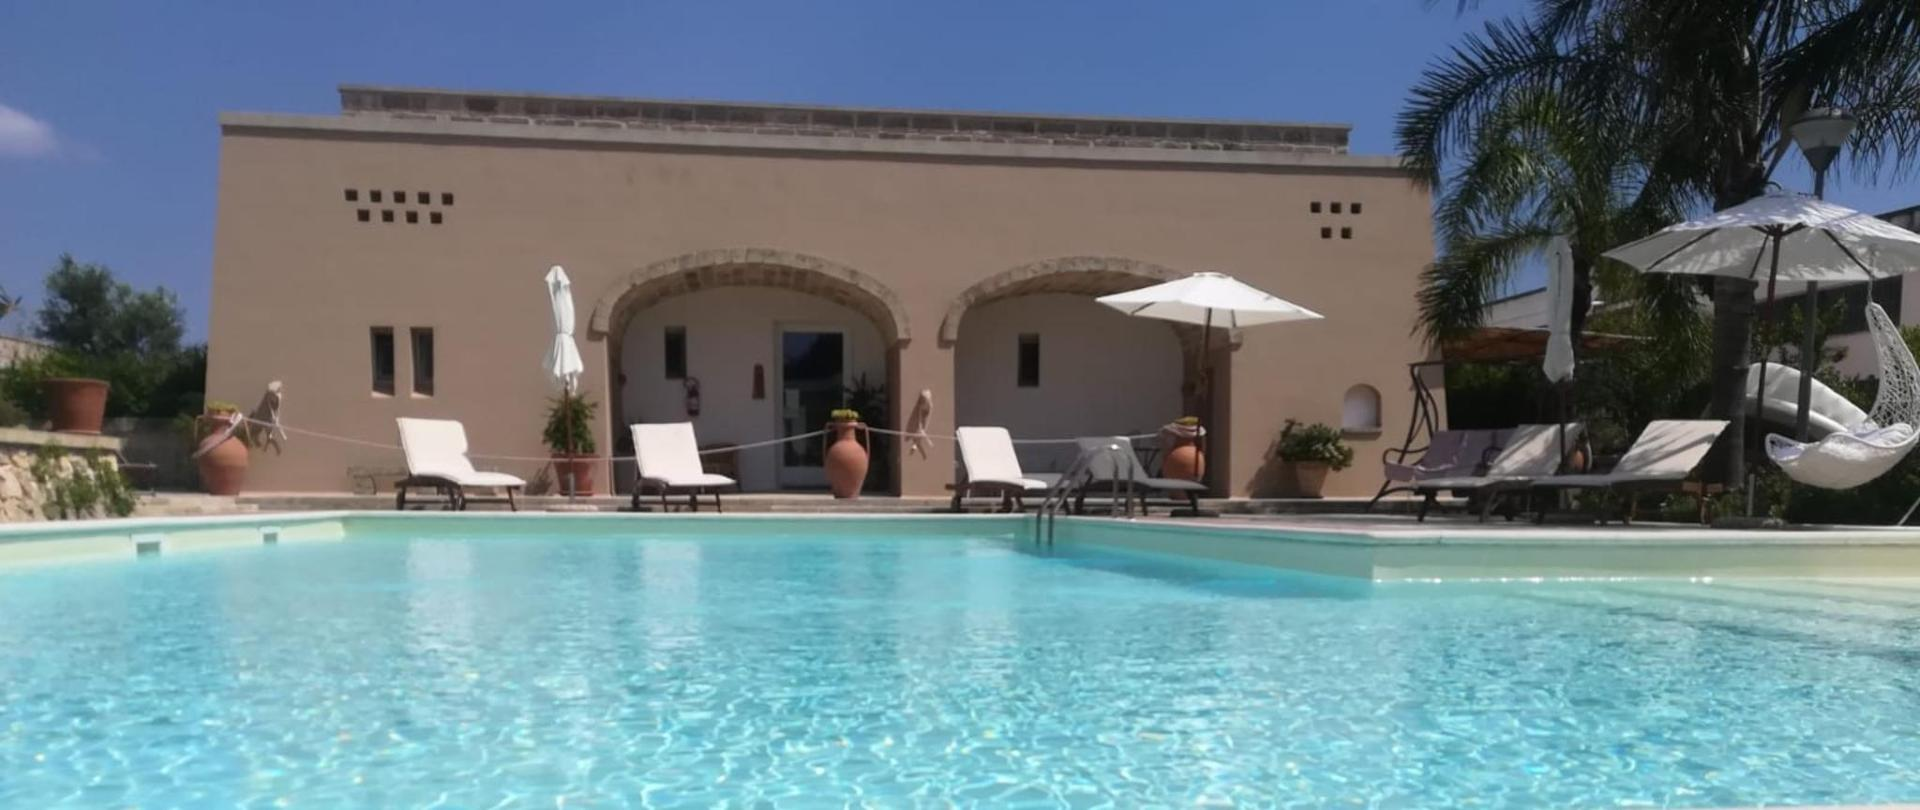 7 piscina3.jpg